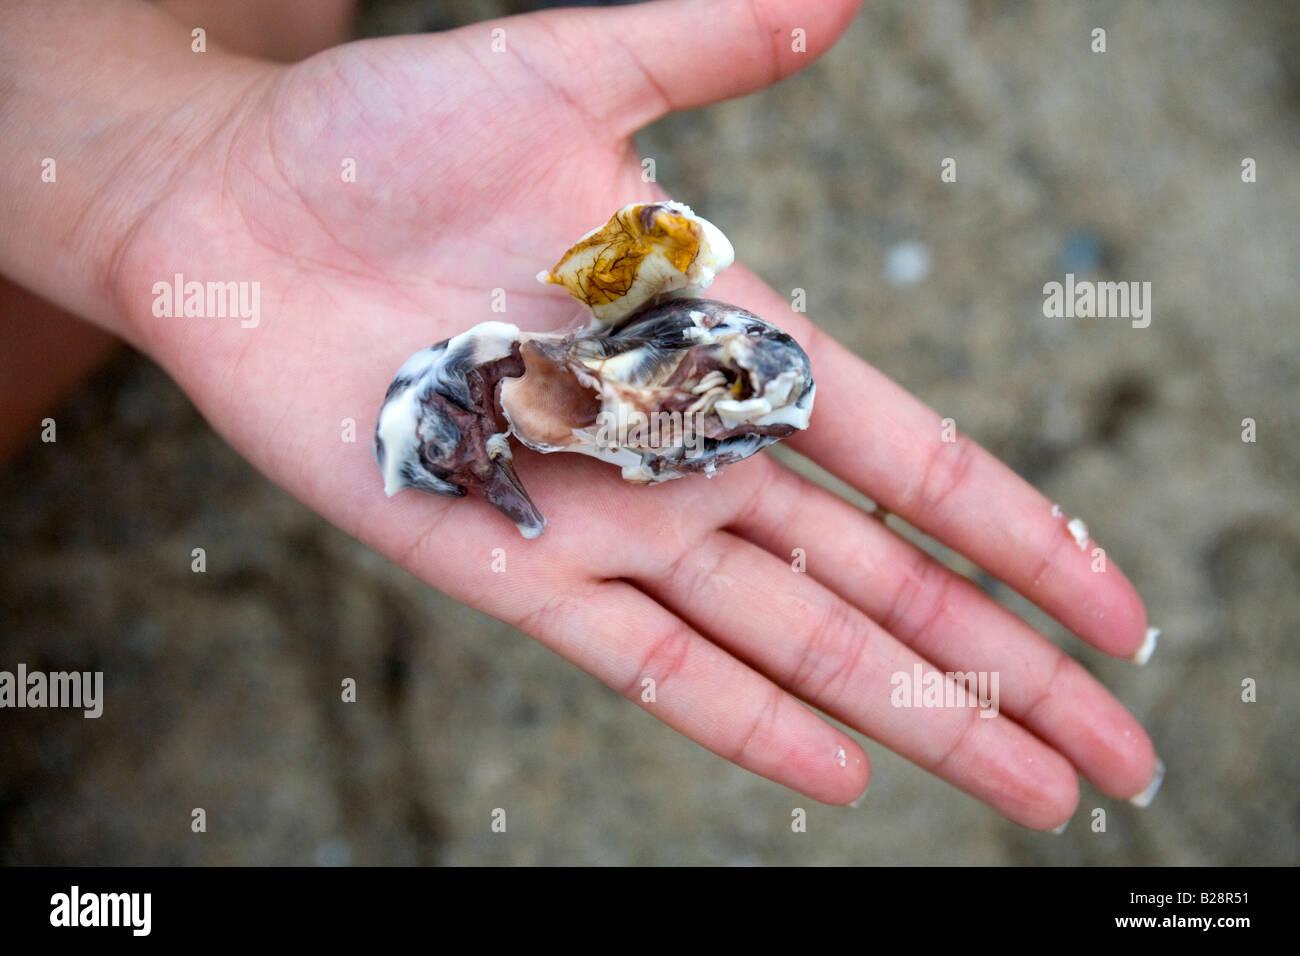 Eine Filipina hält einen Ente Embryo entfernt ein Balut in Puerto Galera, Oriental Mindoro, Philippinen. Stockbild